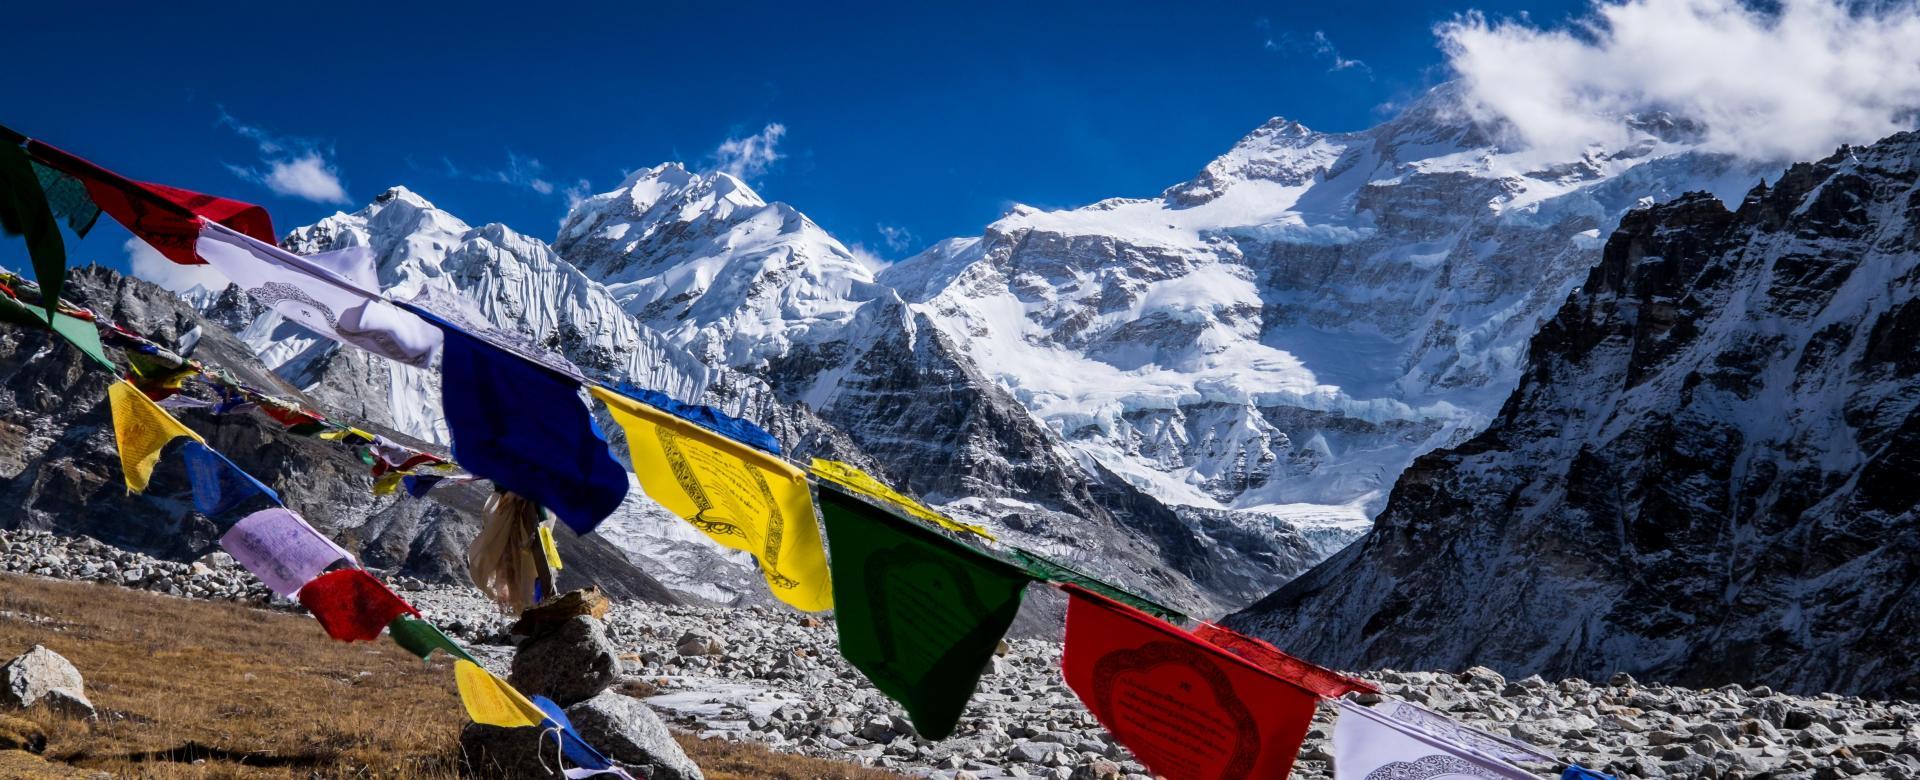 Voyage à pied Inde : Sikkim, le trek du kangchenjunga